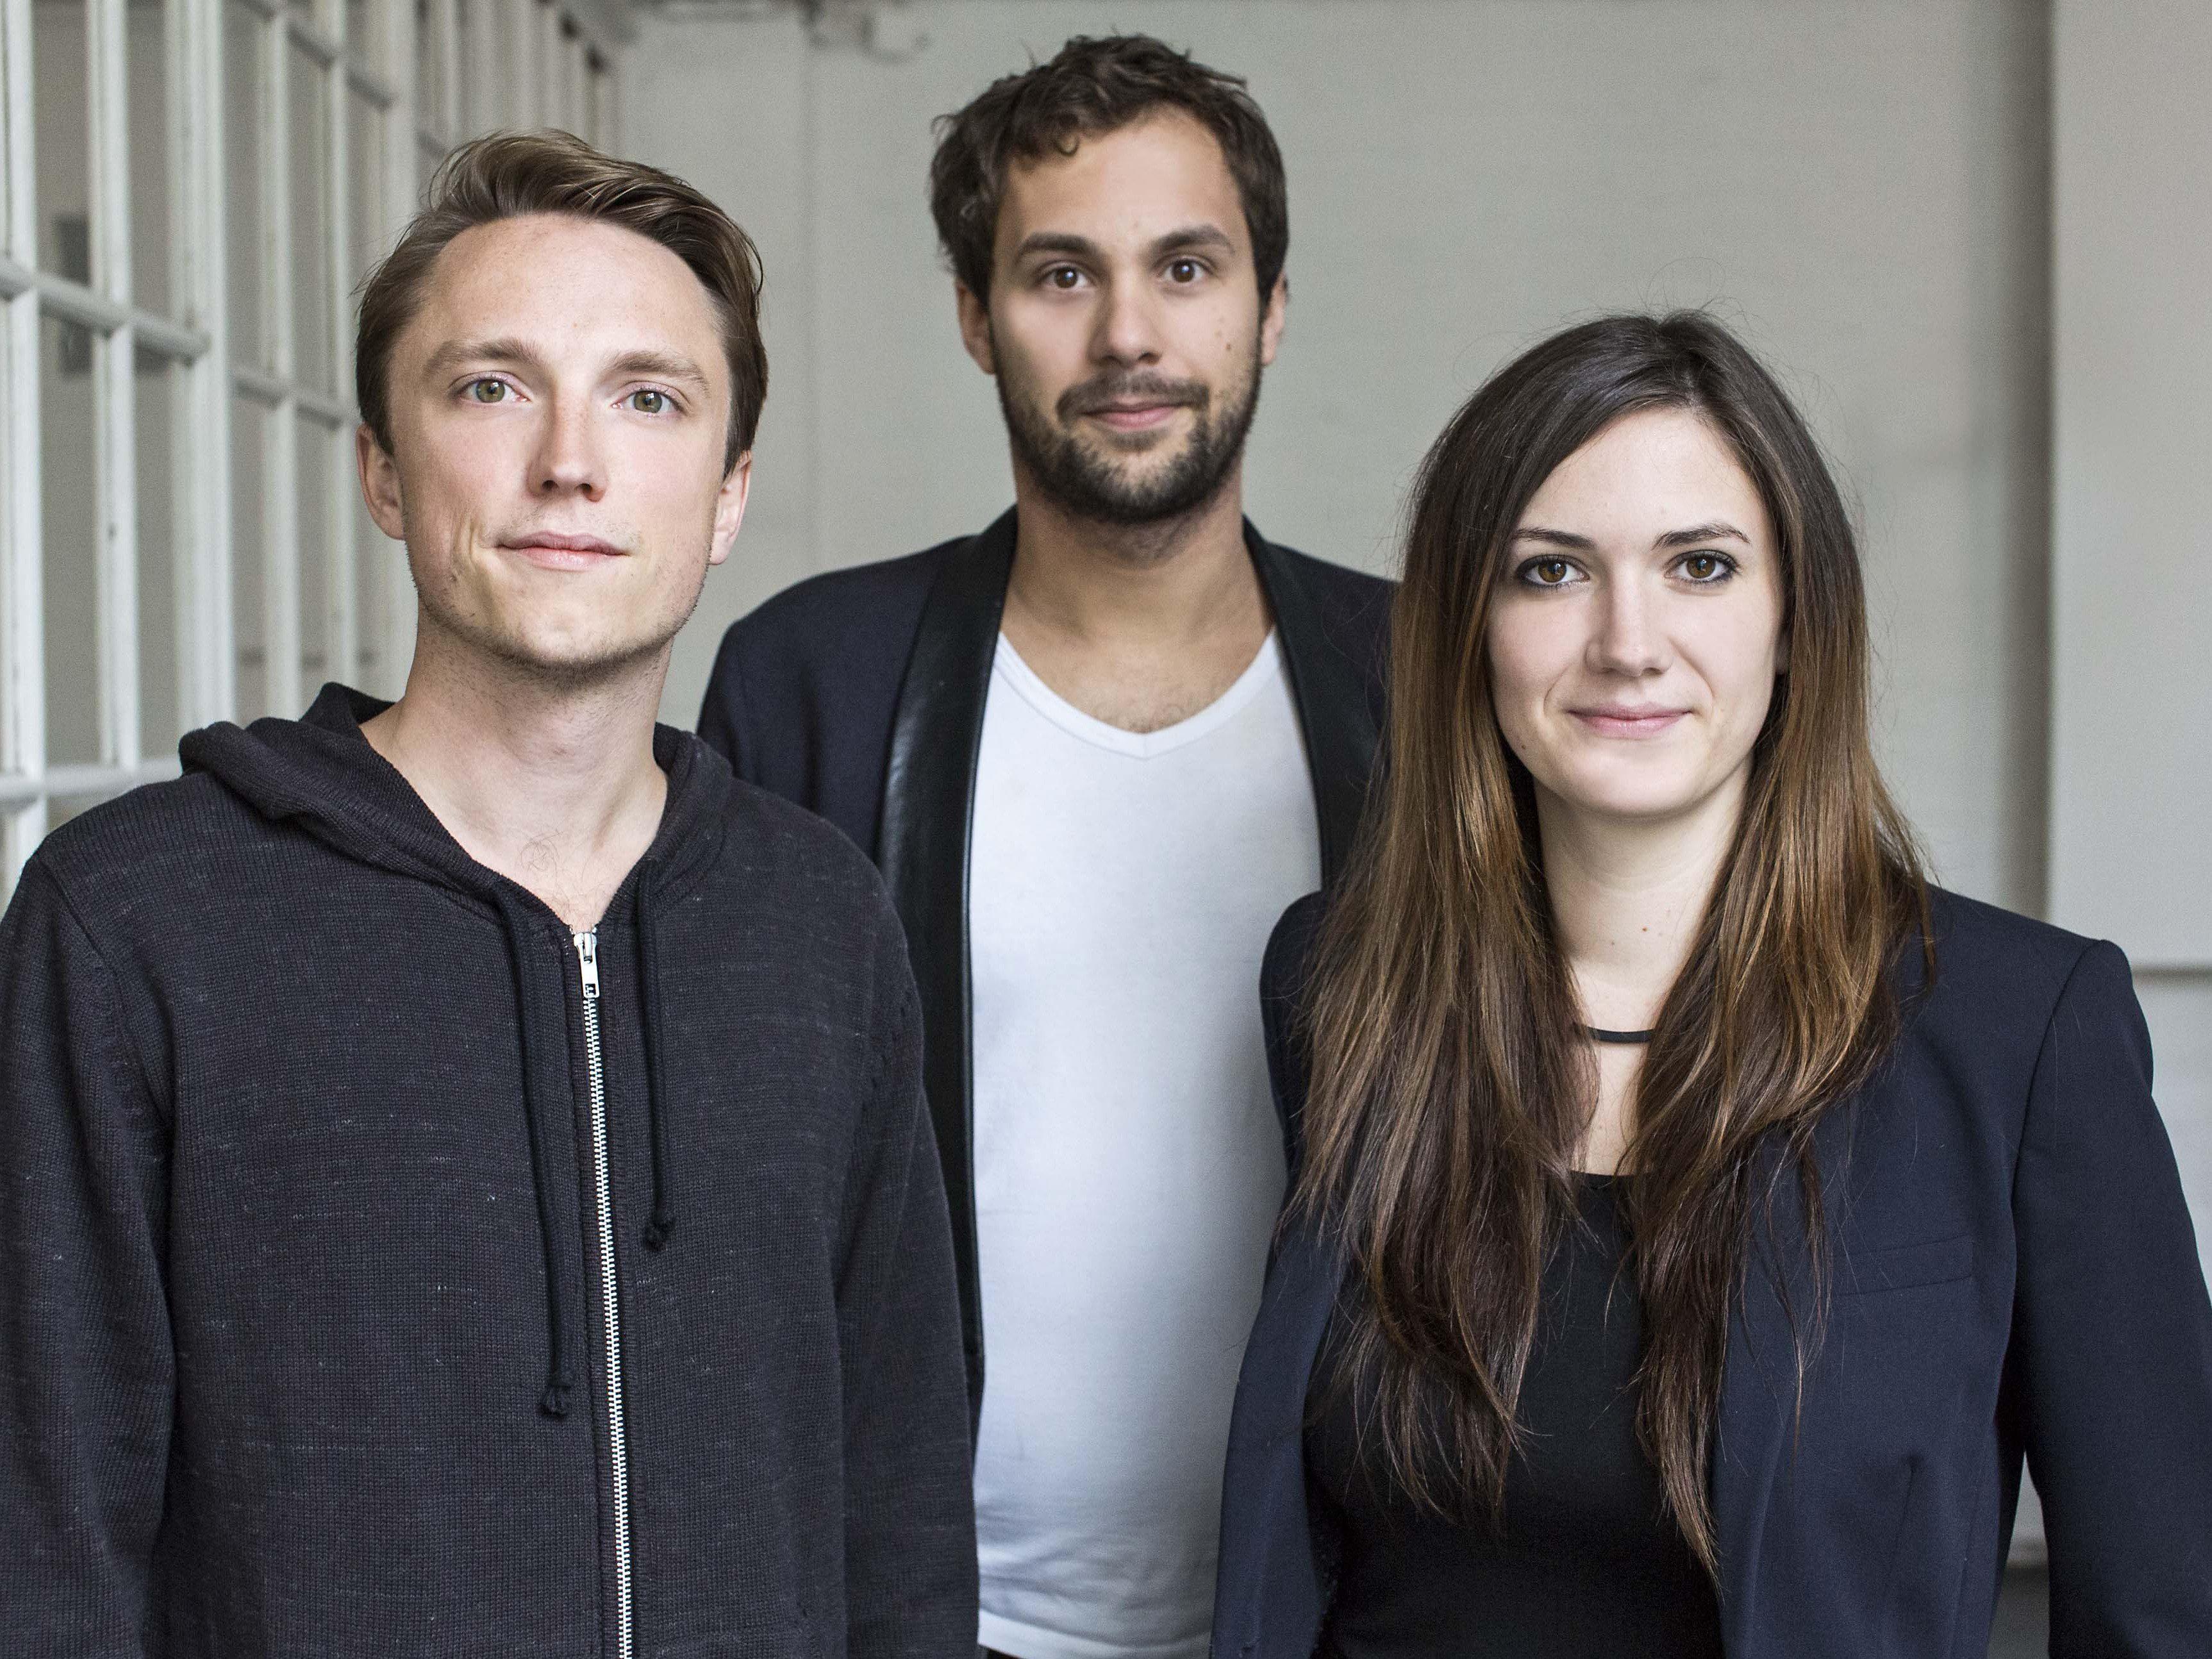 Die Gründer von desendo: Paul Filipow, Michael Gnamm und Monique Hoell.